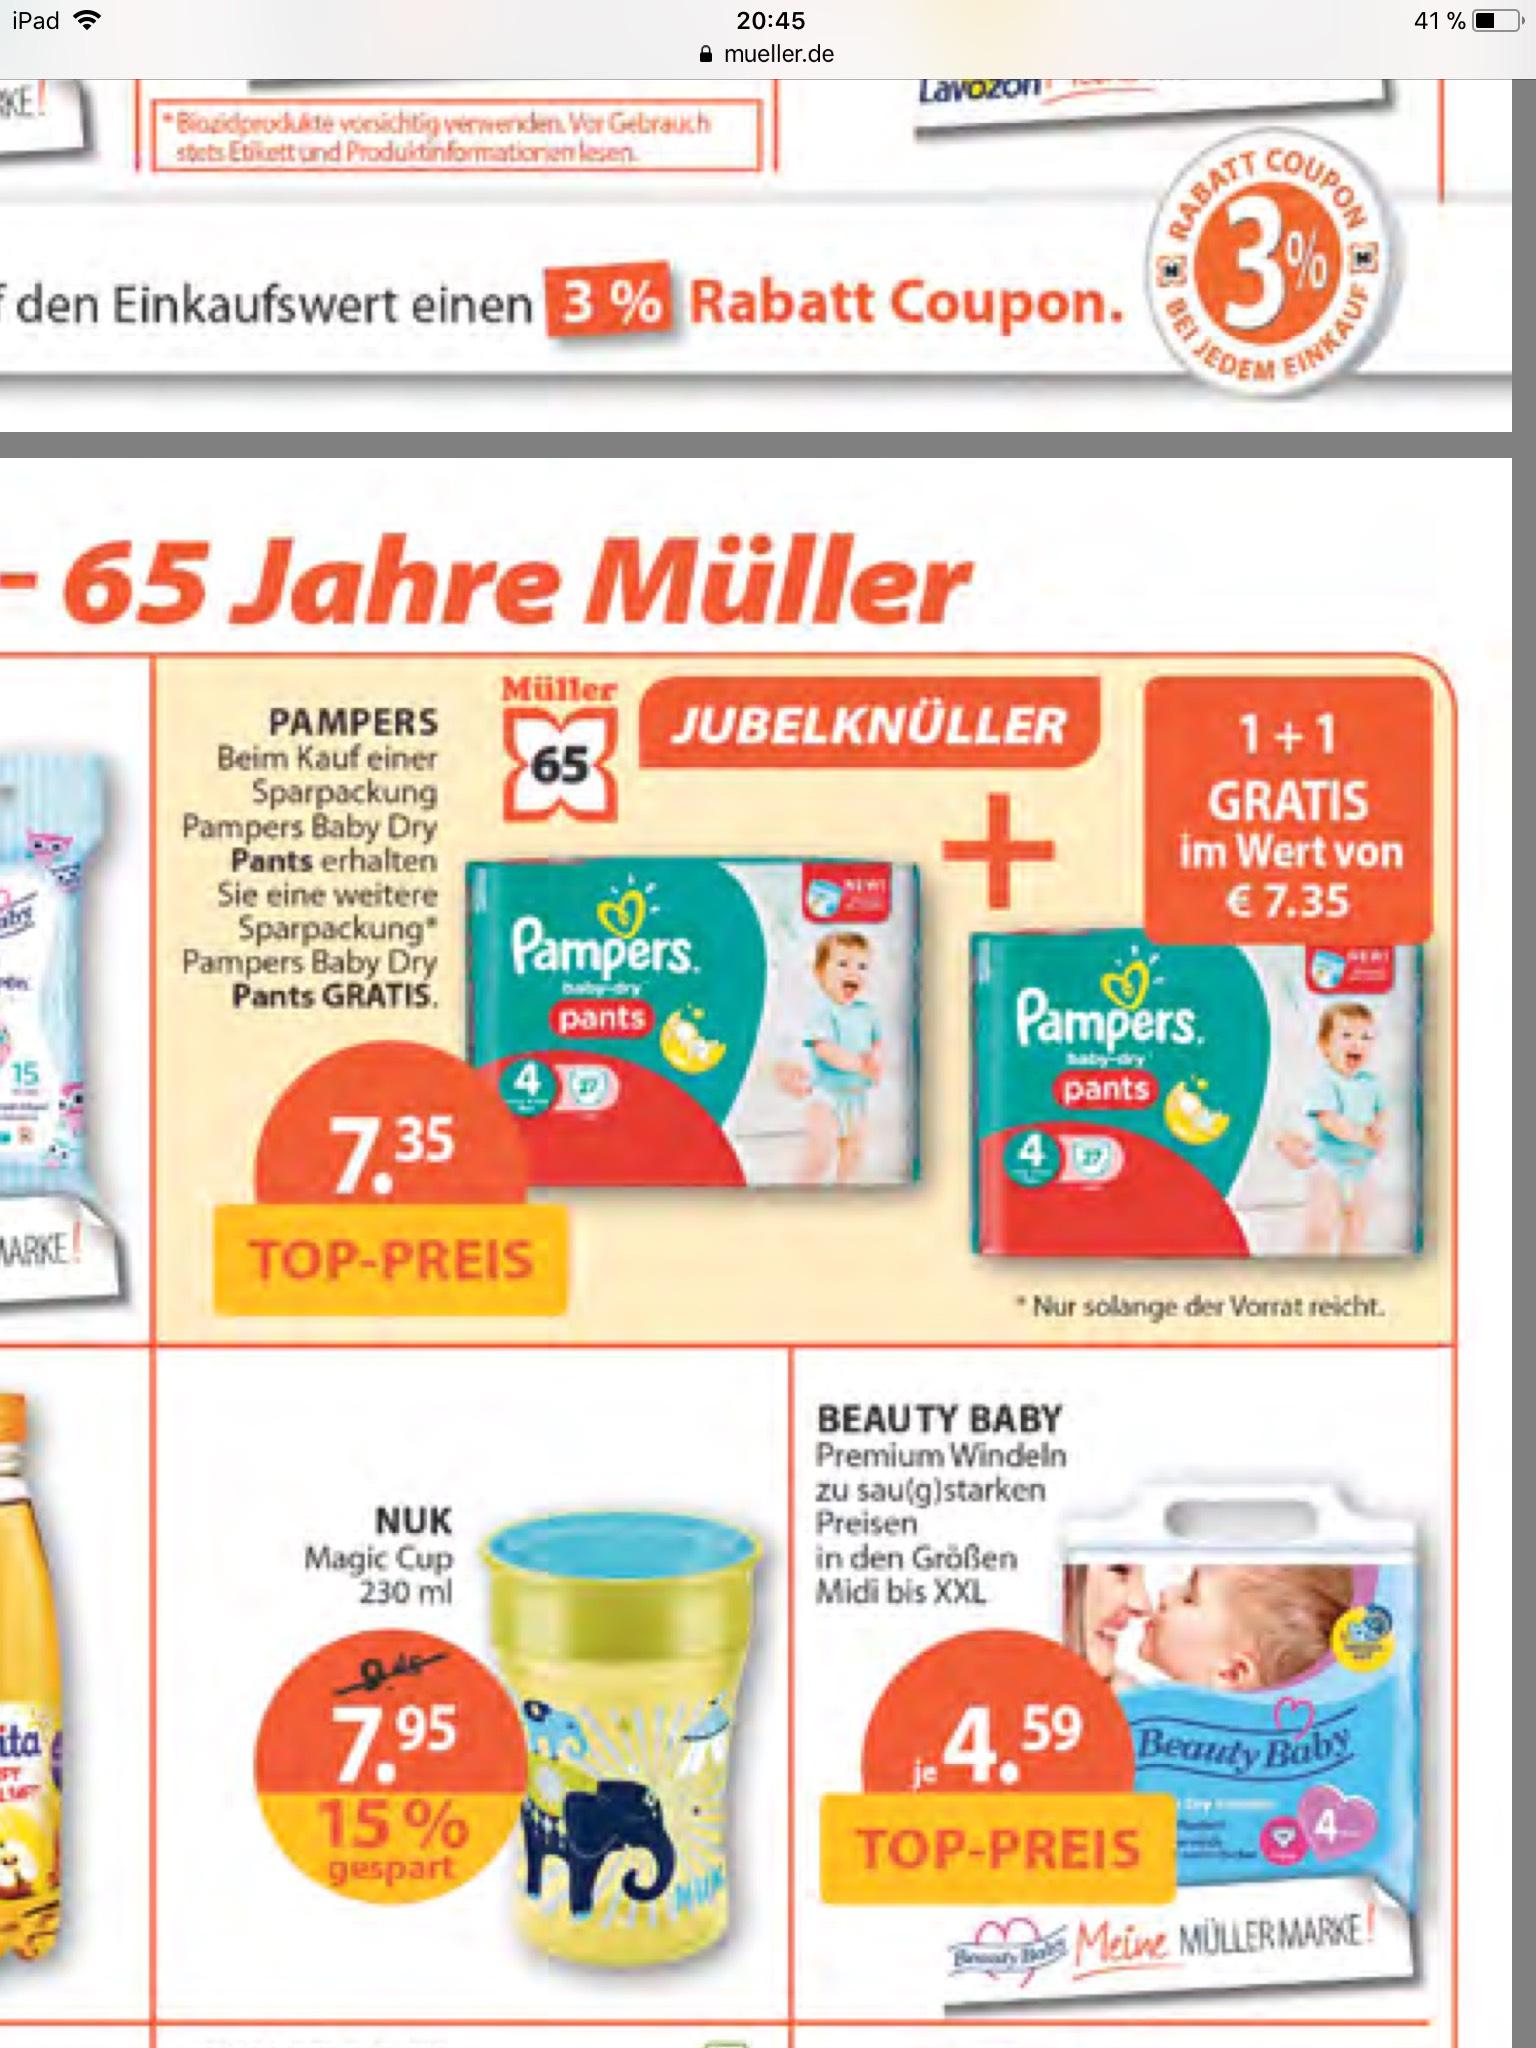 7,35€ für 2 Sparpackungen (evtl. 11,70€ für 4 Packungen bei Einlösung des 3€ Coupons) Pampers Baby Dry Pants bei Müller